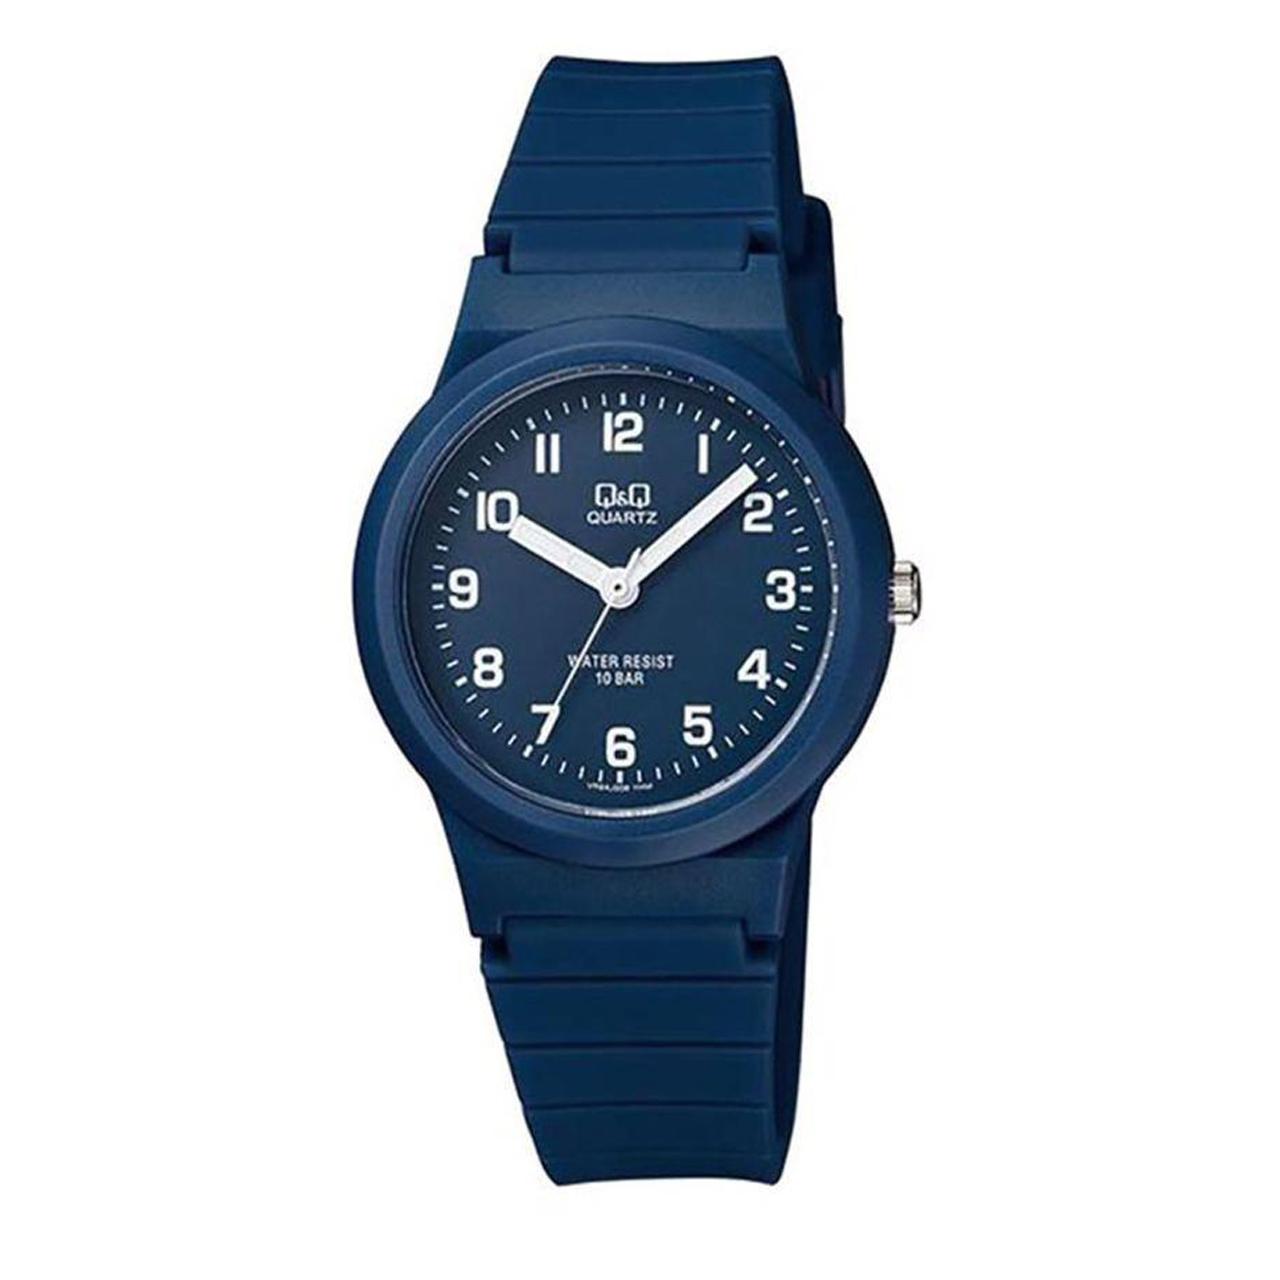 ساعت مچی عقربه ای کیو اند کیو مدل VS22J004U              خرید (⭐️⭐️⭐️)